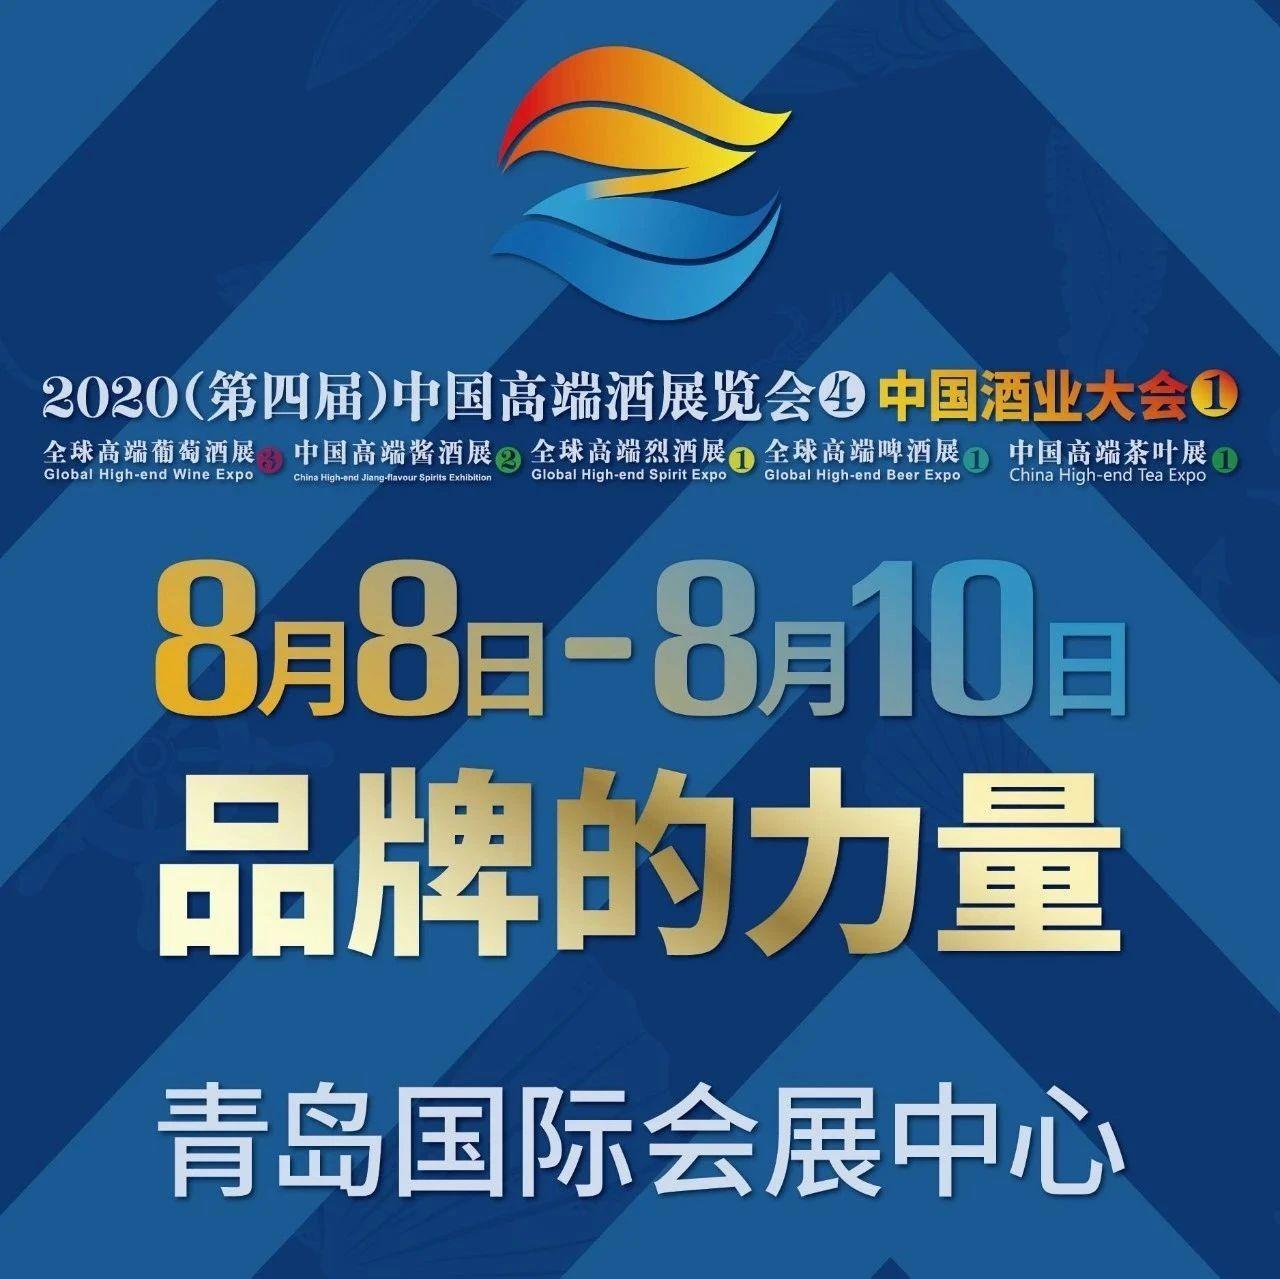 10万+酒商的选择!8月8日,6万专业酒商奔赴青岛,只为这件事丨热点